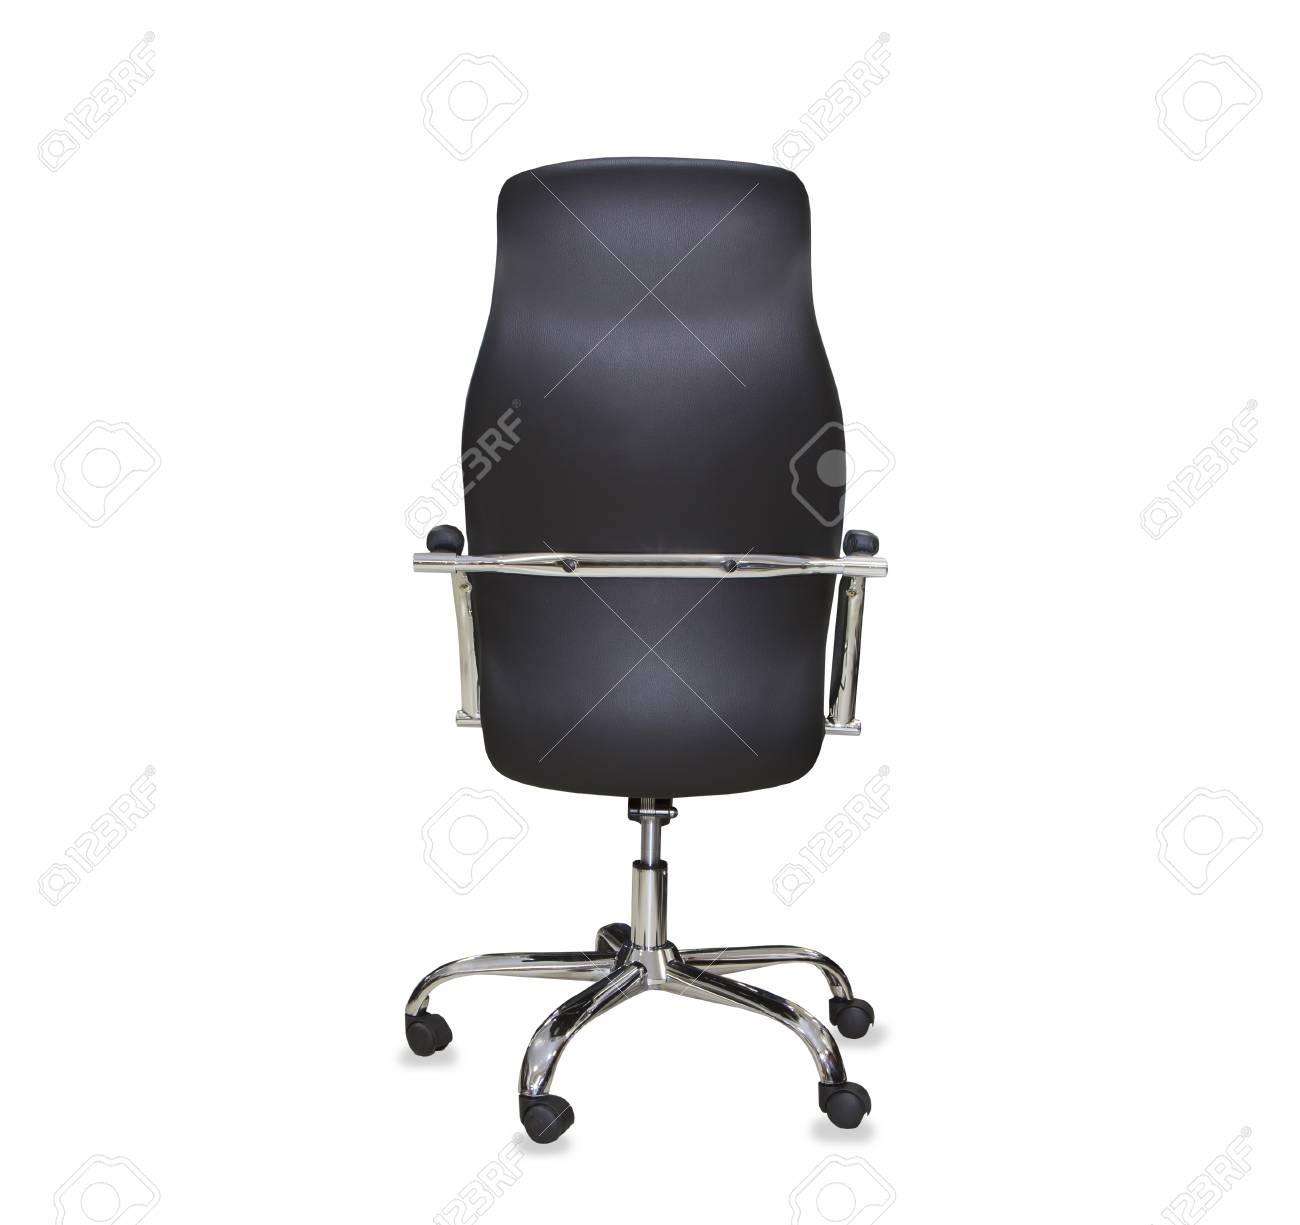 Dos La Cuir Chaise NoirIsolé Vue De Bureau Moderne CWrQdxBoe